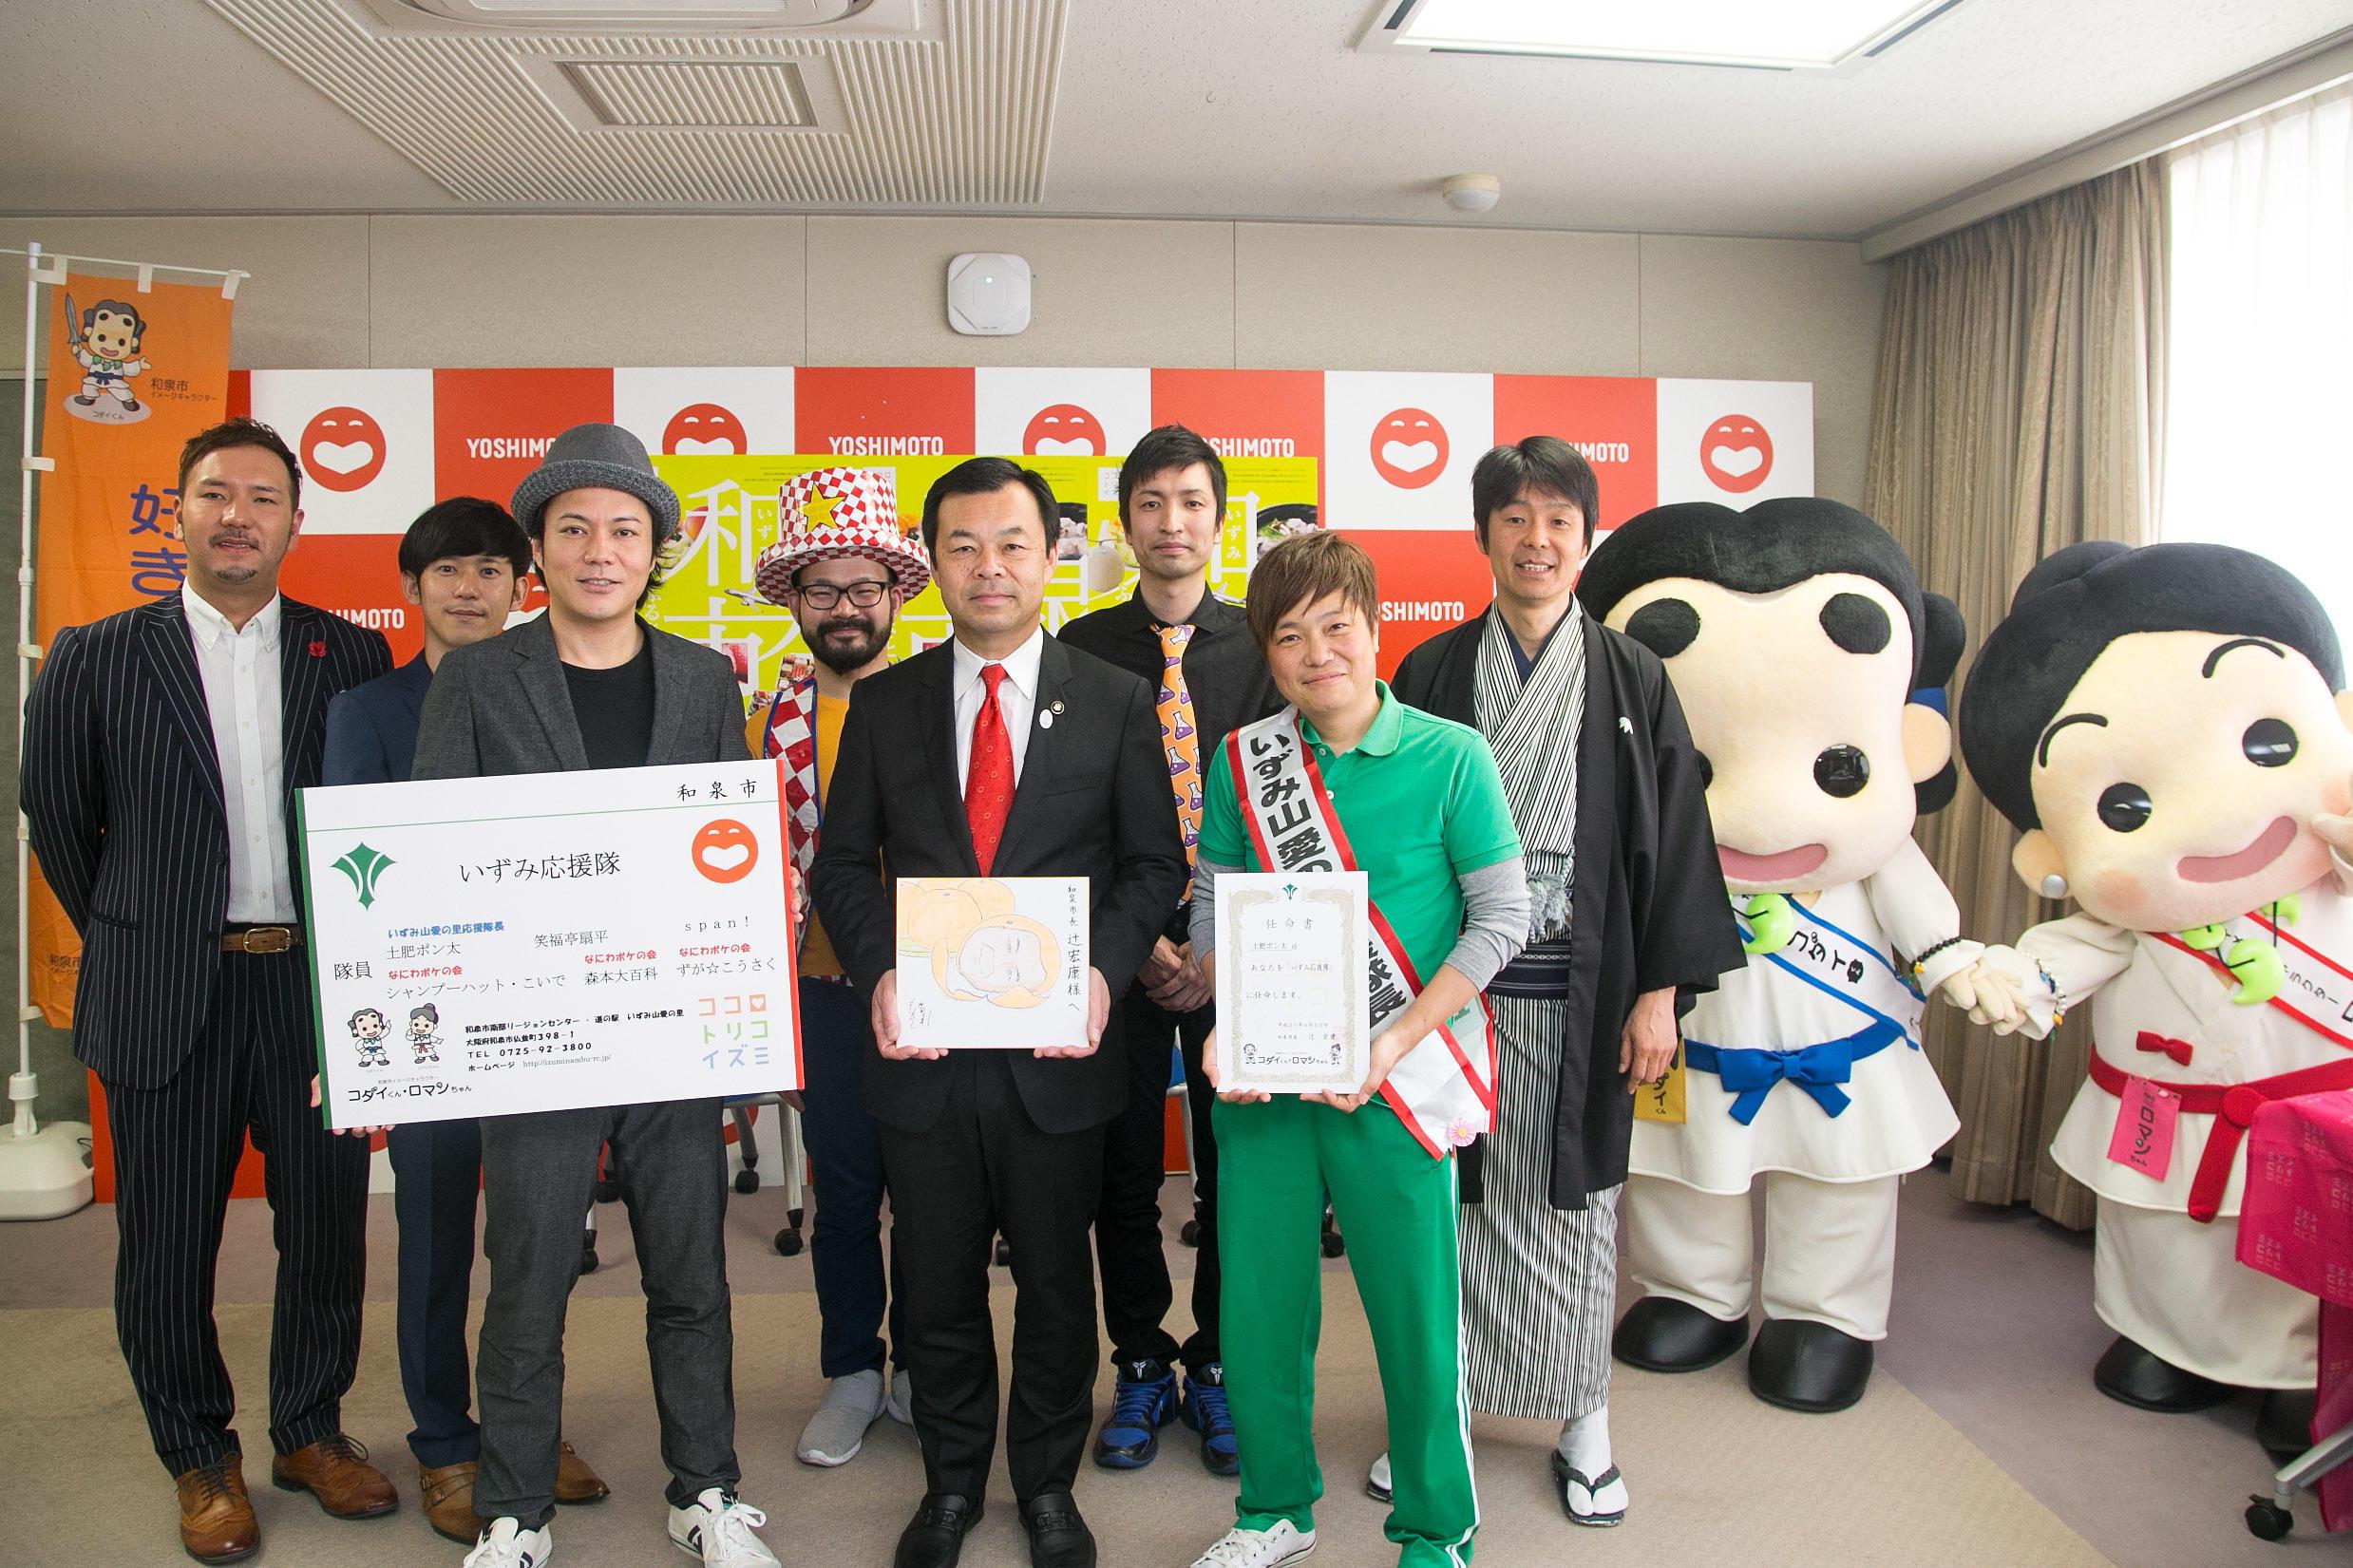 http://news.yoshimoto.co.jp/20180410140542-b579bee1e79a5d41086d17e61e2af84f34ee65c0.jpg